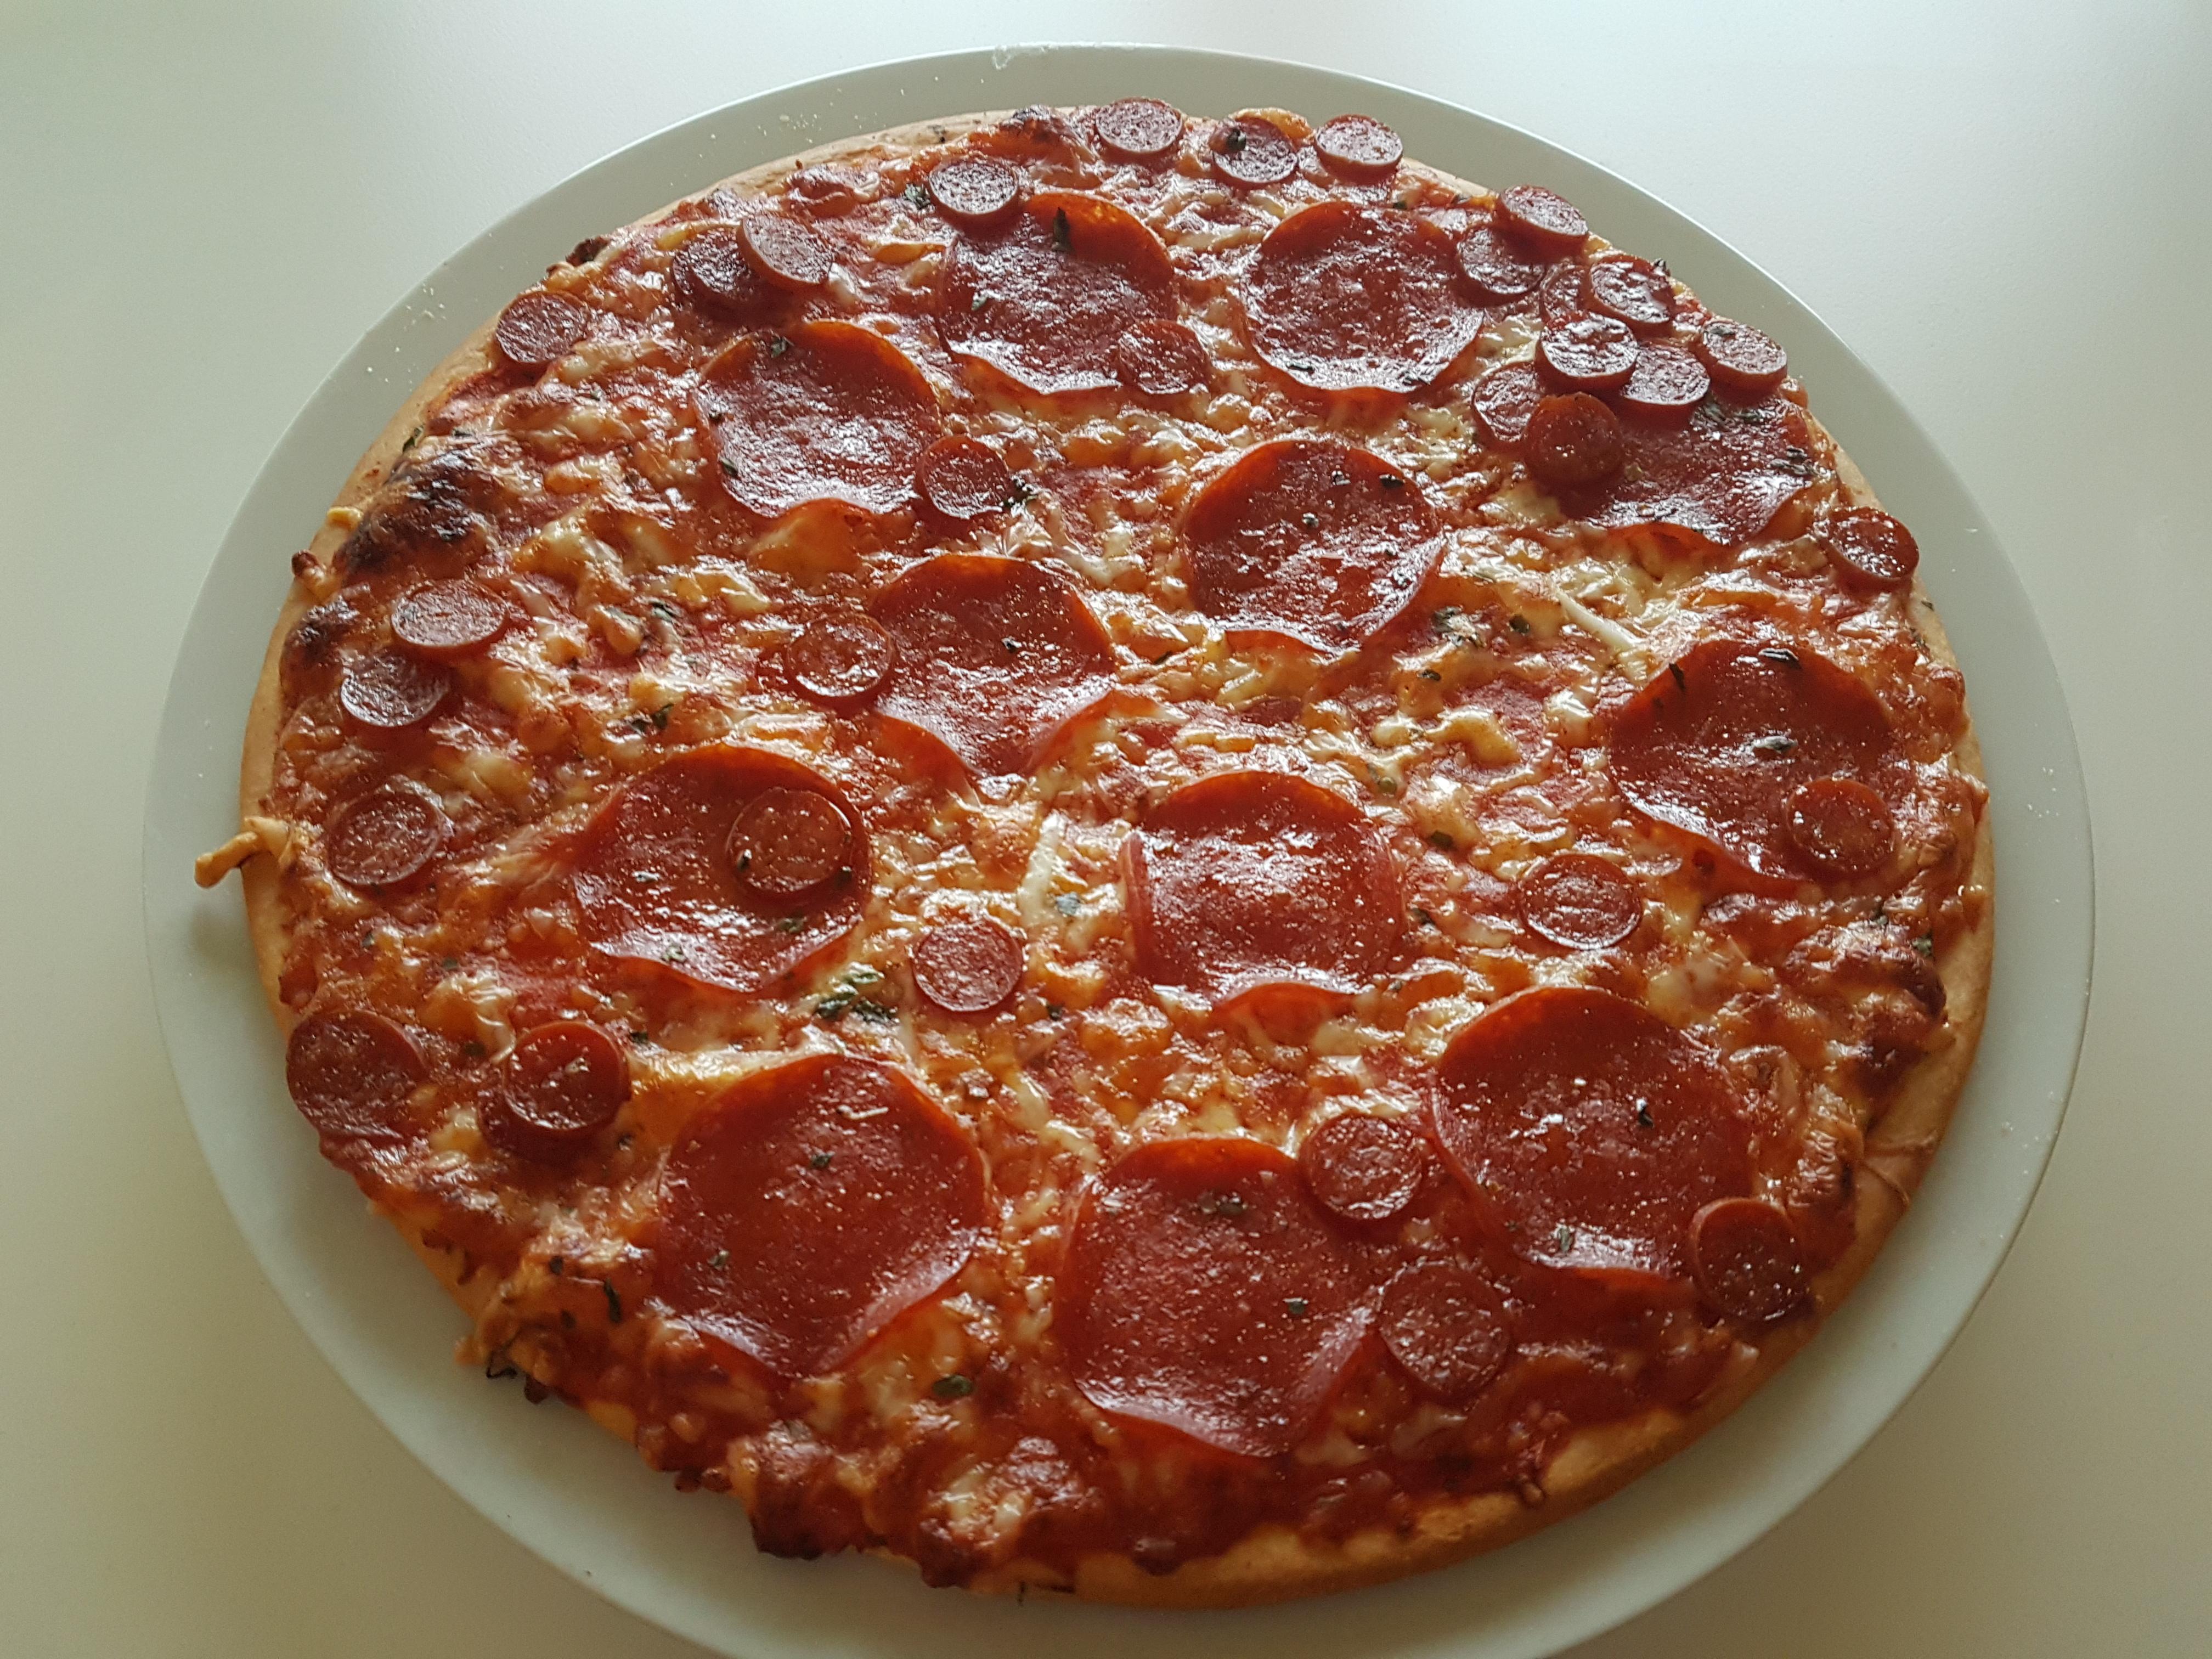 https://foodloader.net/Holz_2019-11-10_Pizza.jpg